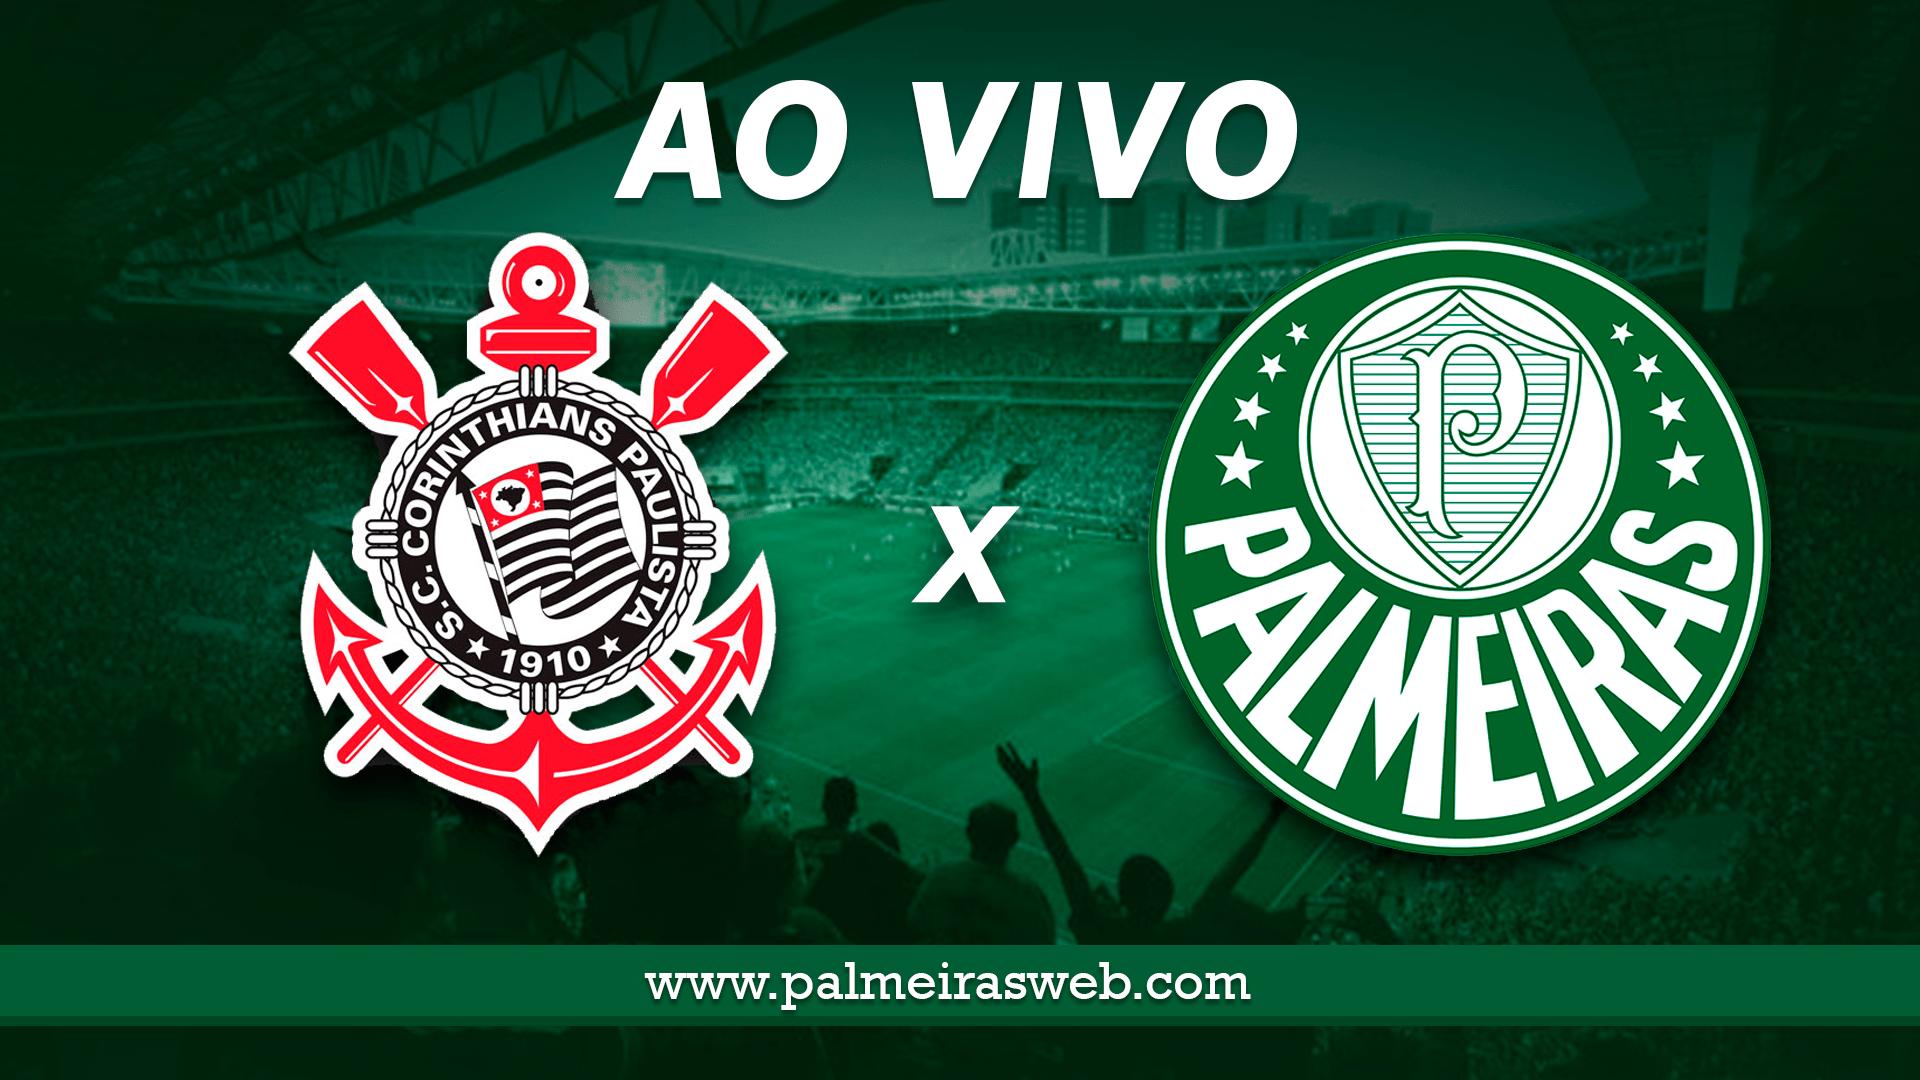 Onde assistir o jogo Corinthians x Palmeiras Ao Vivo